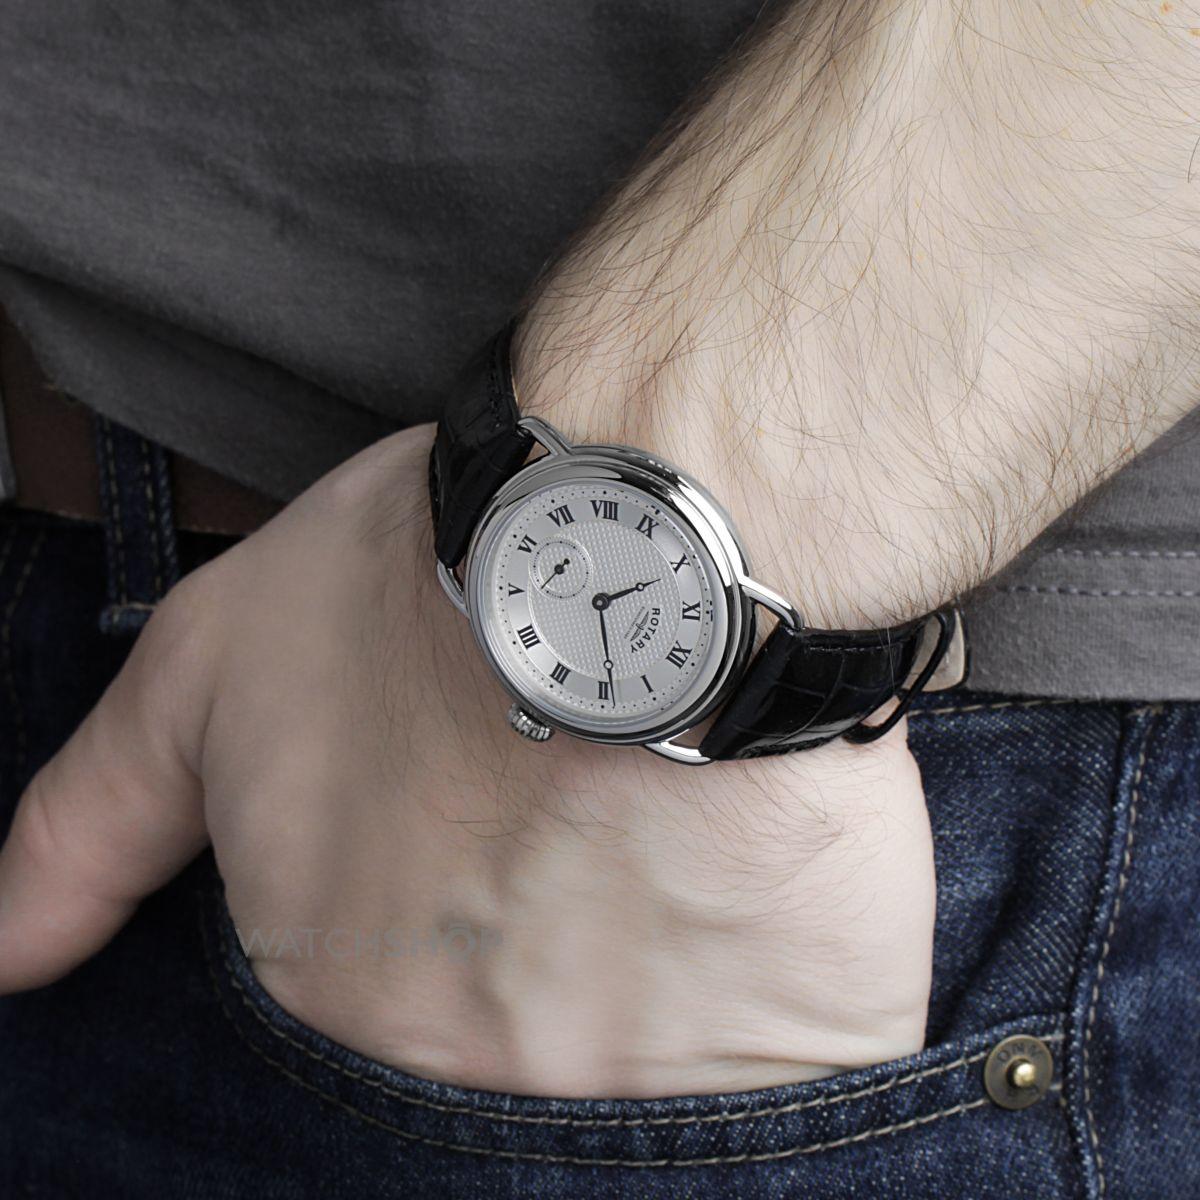 卷福也爱用的手表 – Rotary 瑞士劳特莱